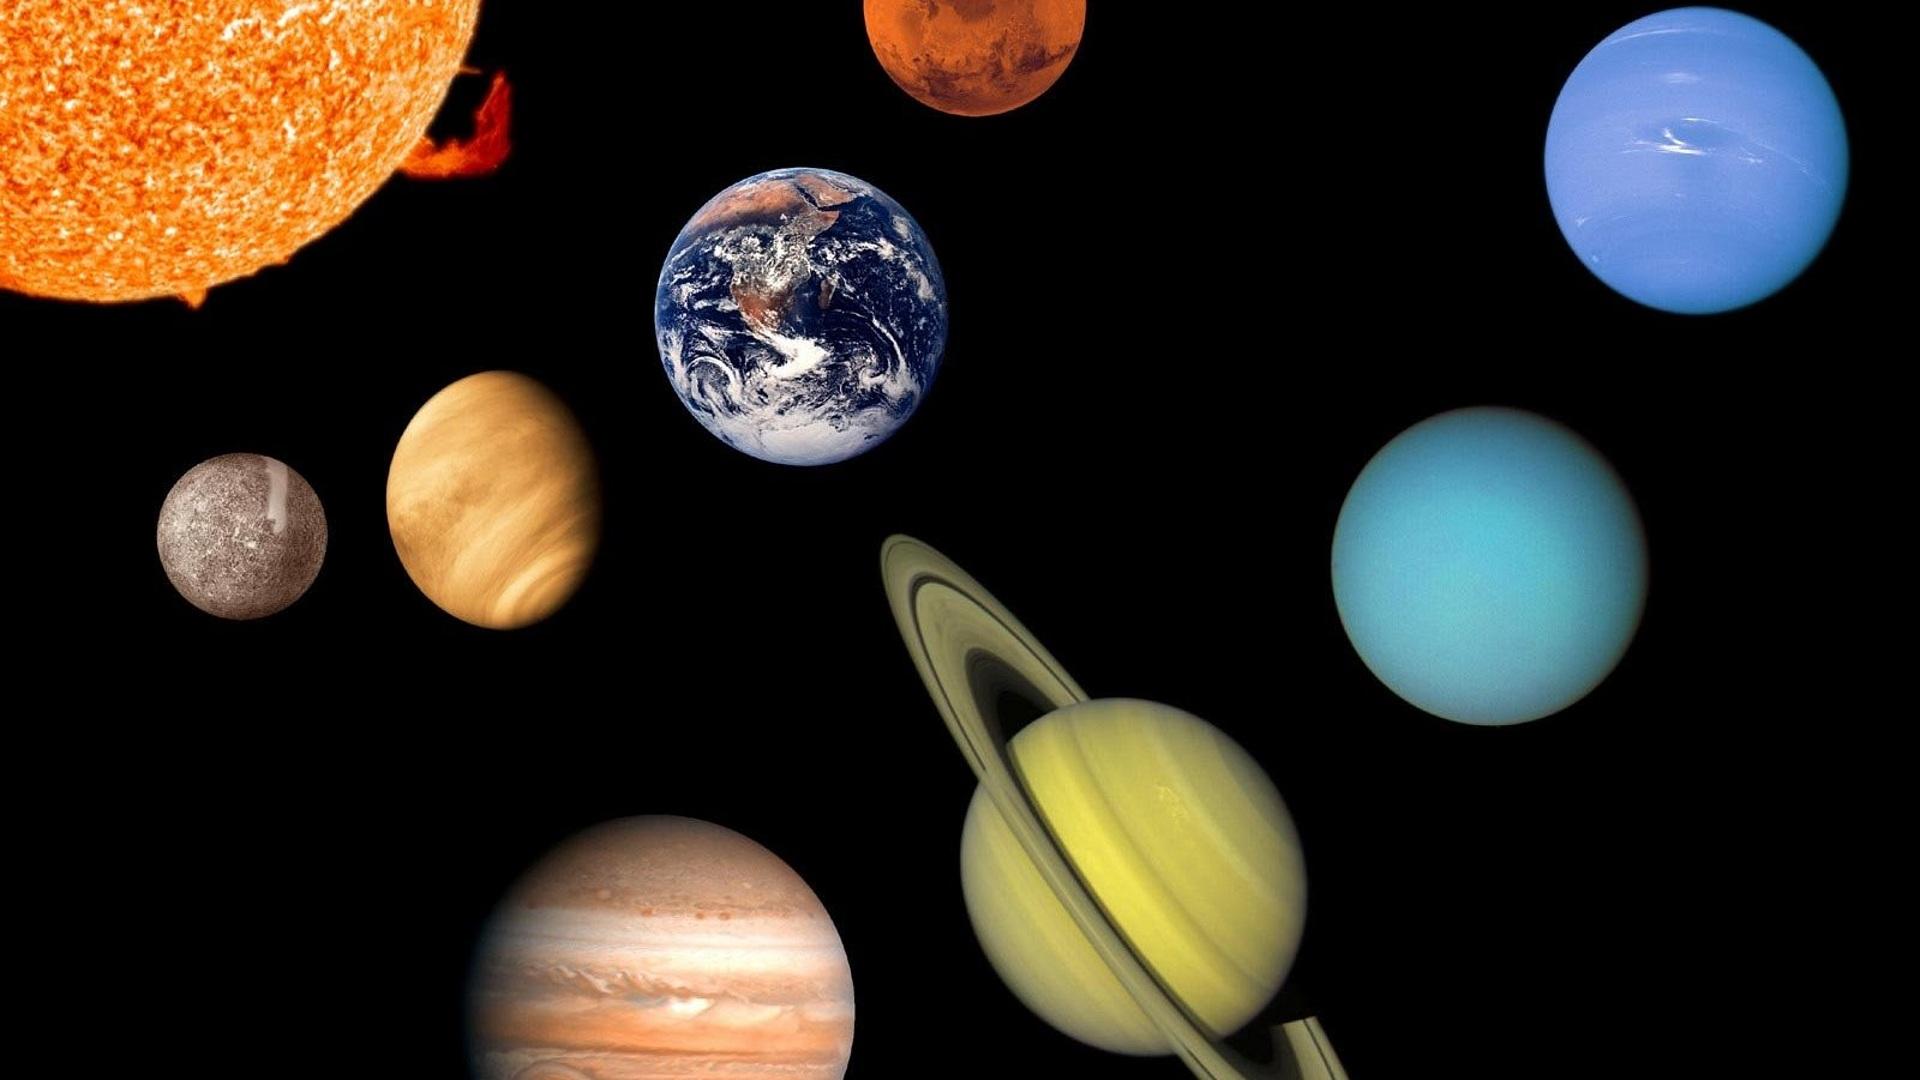 фотографии планет солнечной системы с названиями неприятное